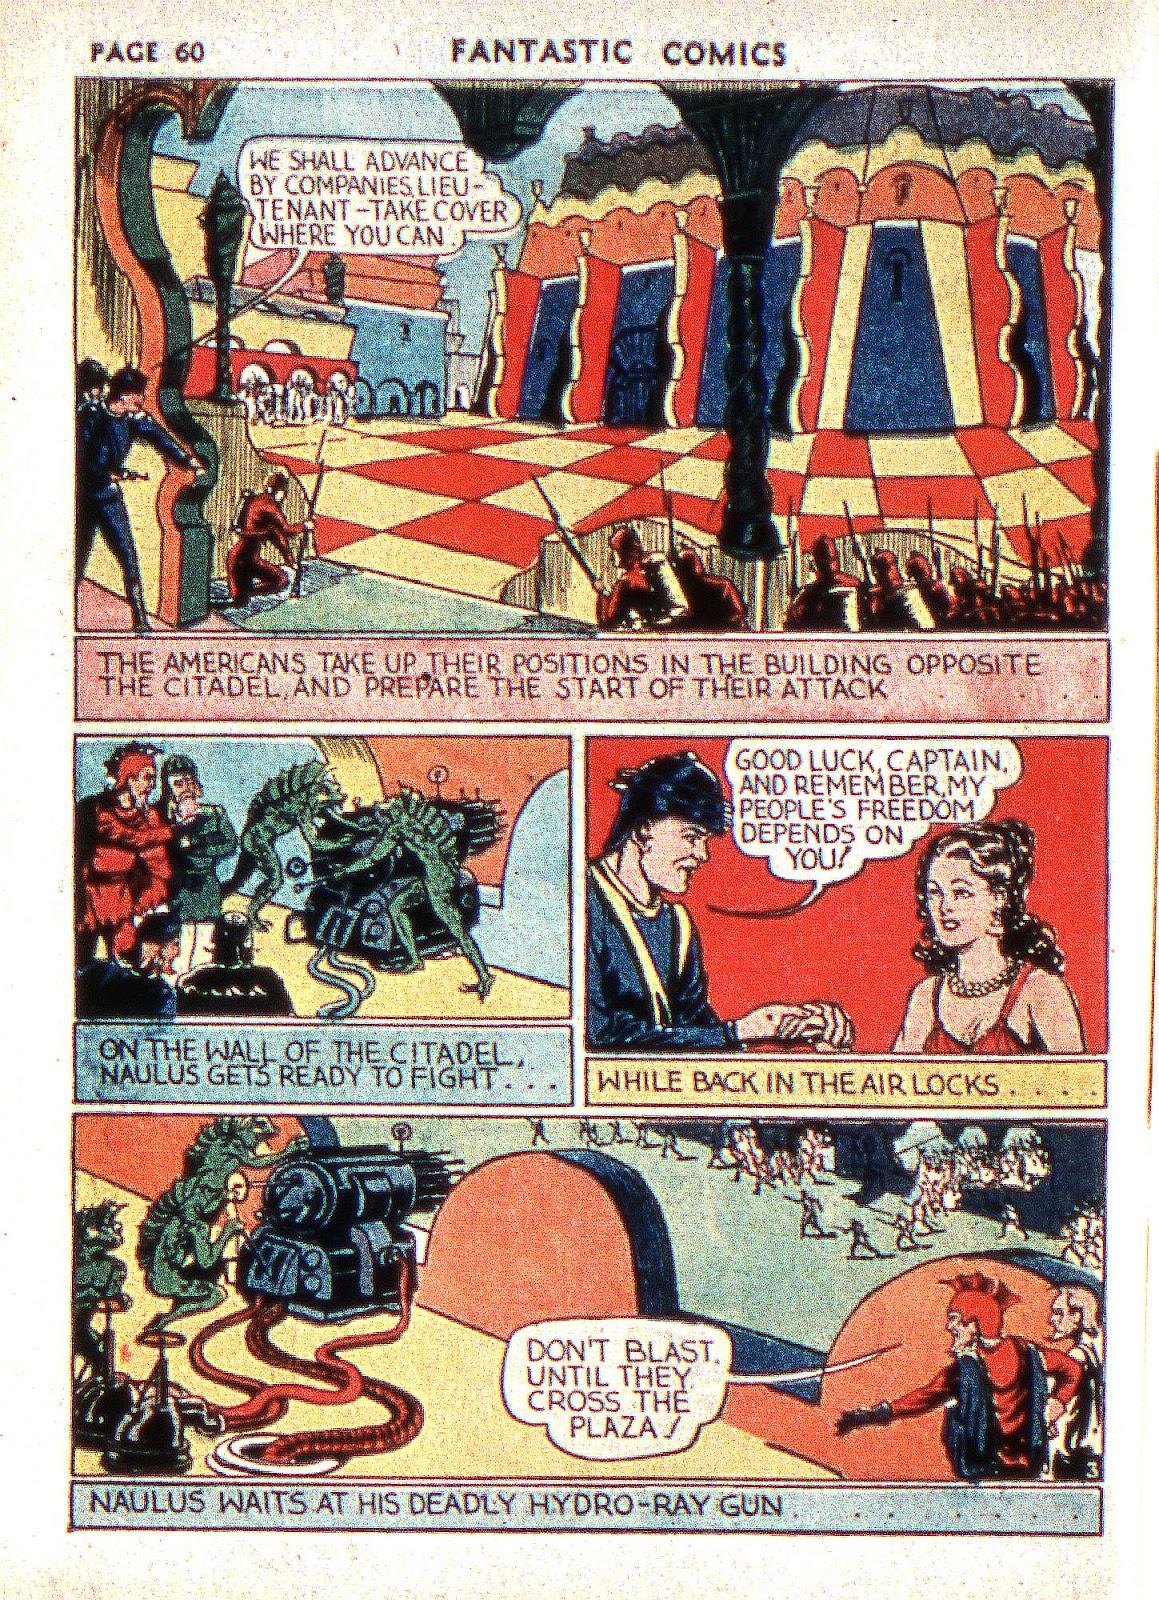 Read online Fantastic Comics comic -  Issue #2 - 61